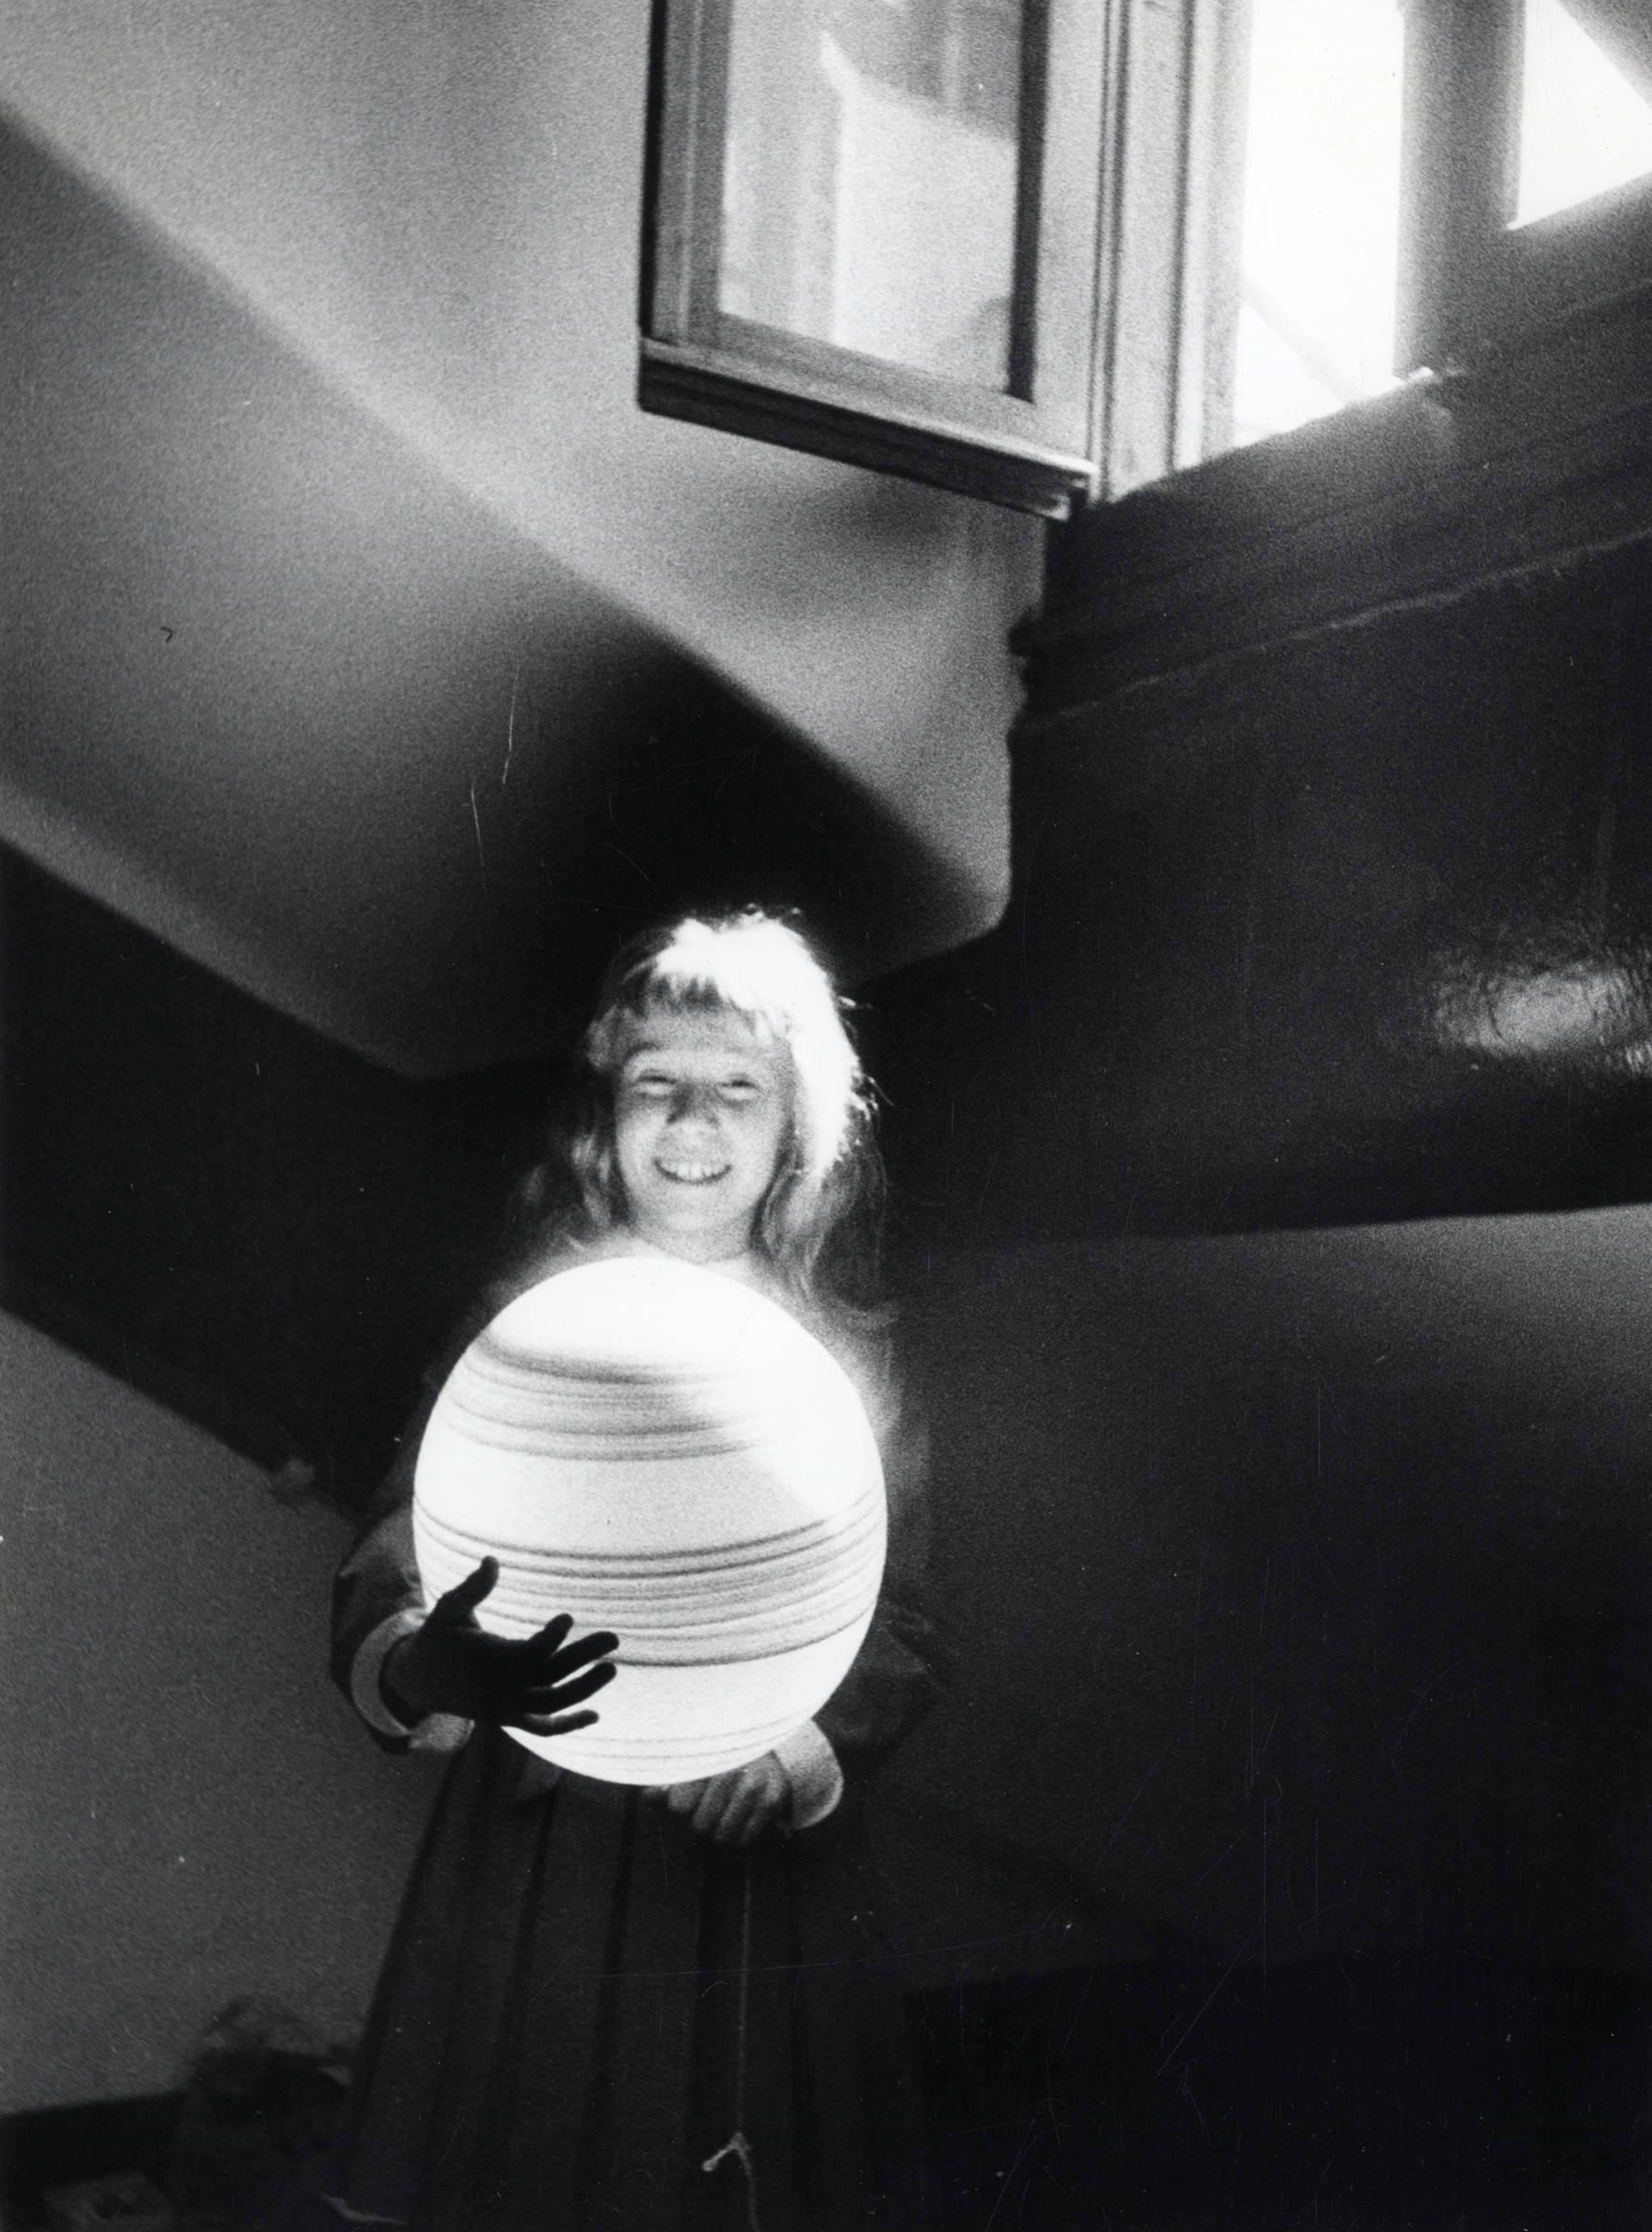 Storie di un vento e di una bambina, 1965 © Toni Nicolini/ Archivio CRAF